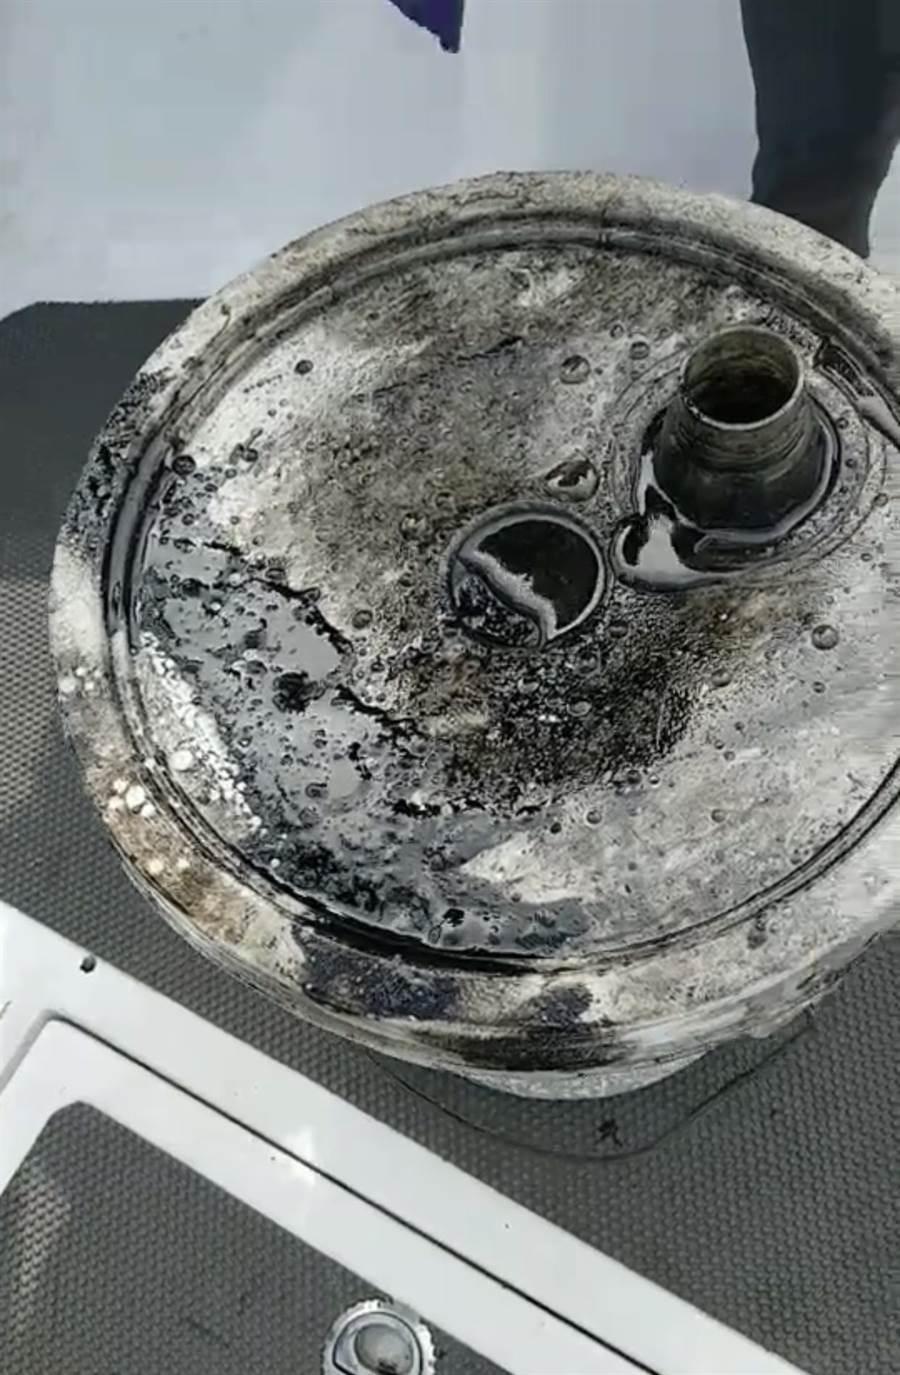 廢棄的船隻汽油桶流入海中,破壞環境,非常糟糕。(王銘祥提供)